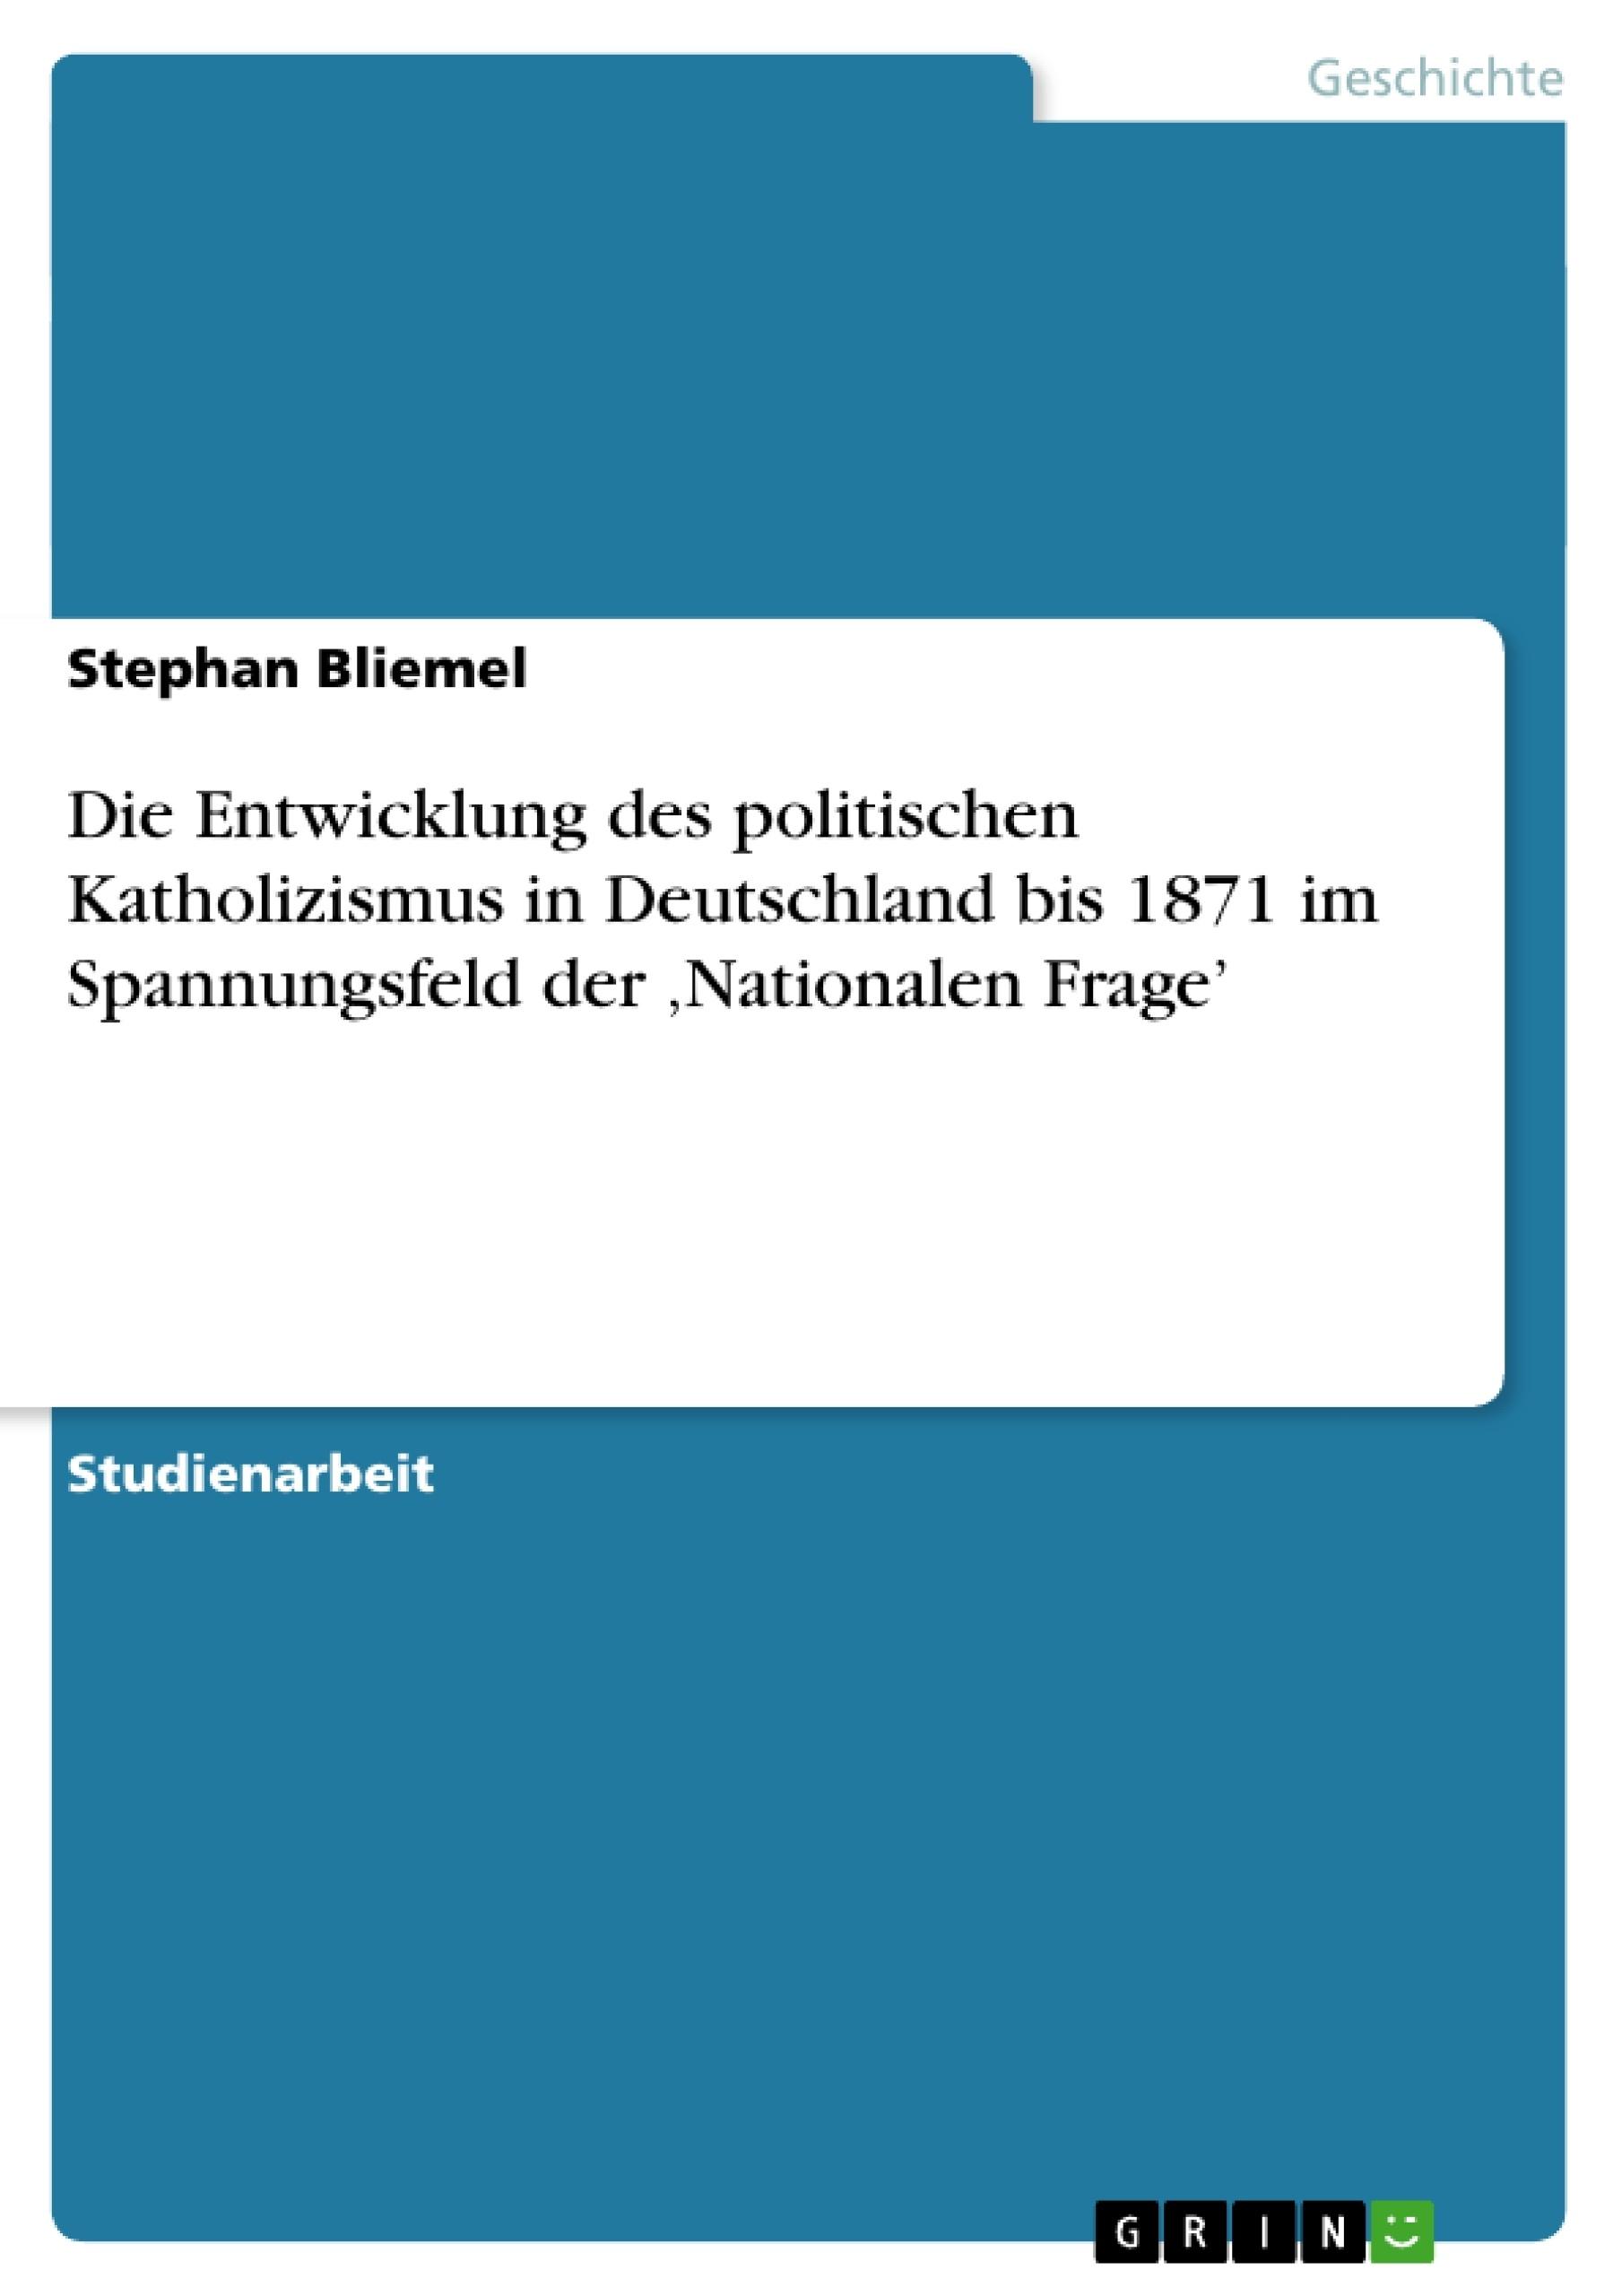 Titel: Die Entwicklung des politischen Katholizismus in Deutschland bis 1871  im Spannungsfeld der 'Nationalen Frage'